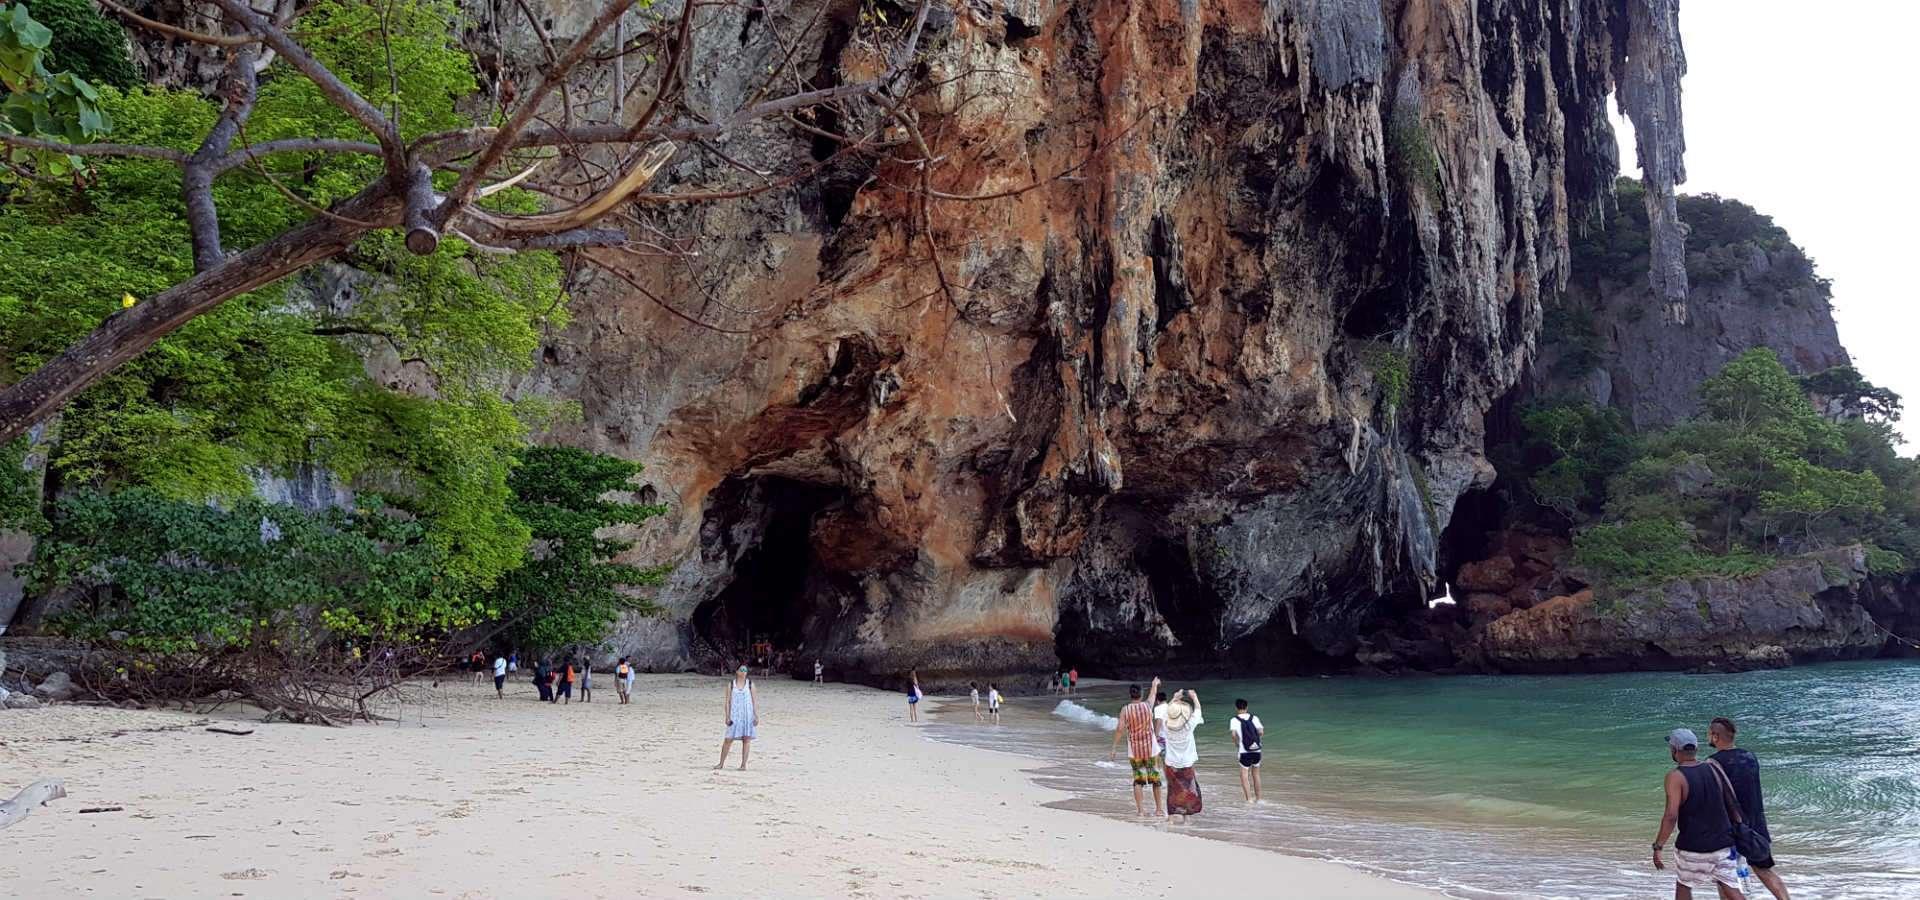 Strand met hoge rotswanden die doorlopen in blauwe zee.